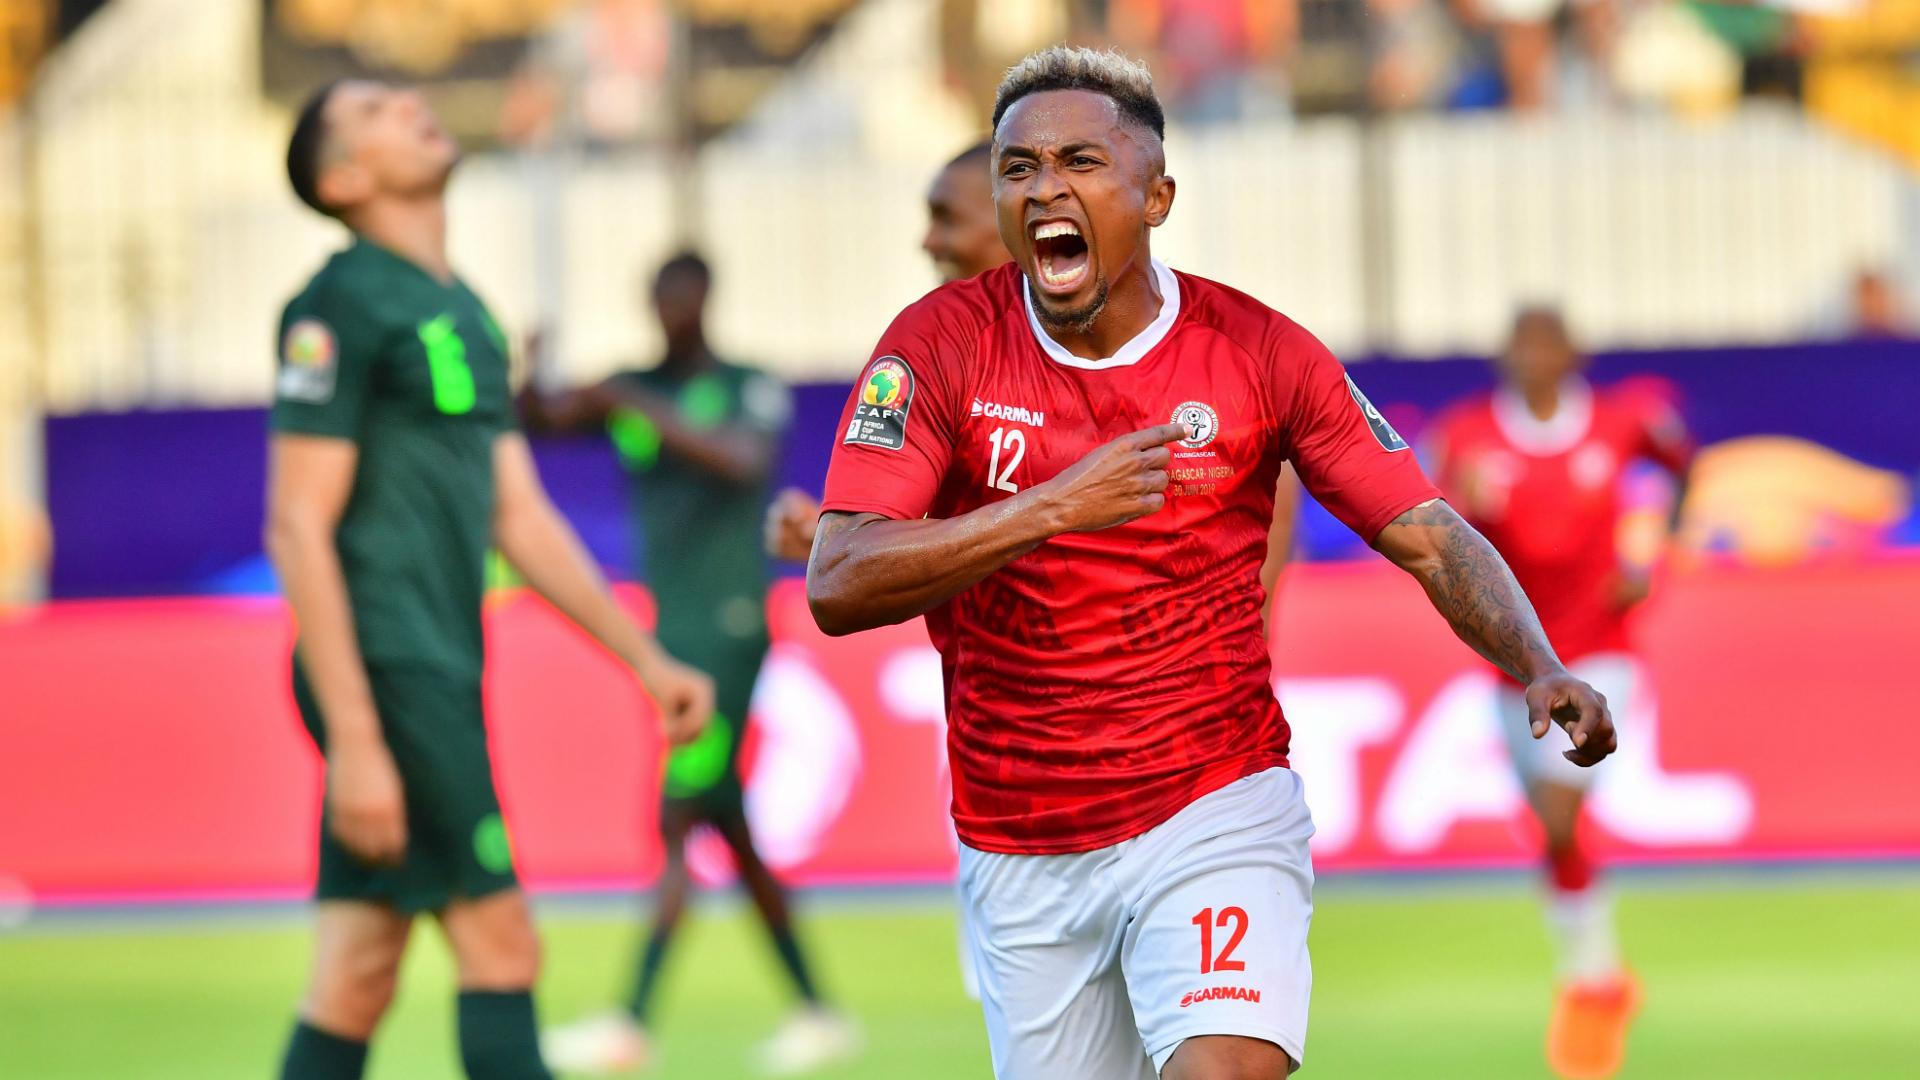 Madagascar v Nigeria Match Report, 30/06/2019, Africa Cup of